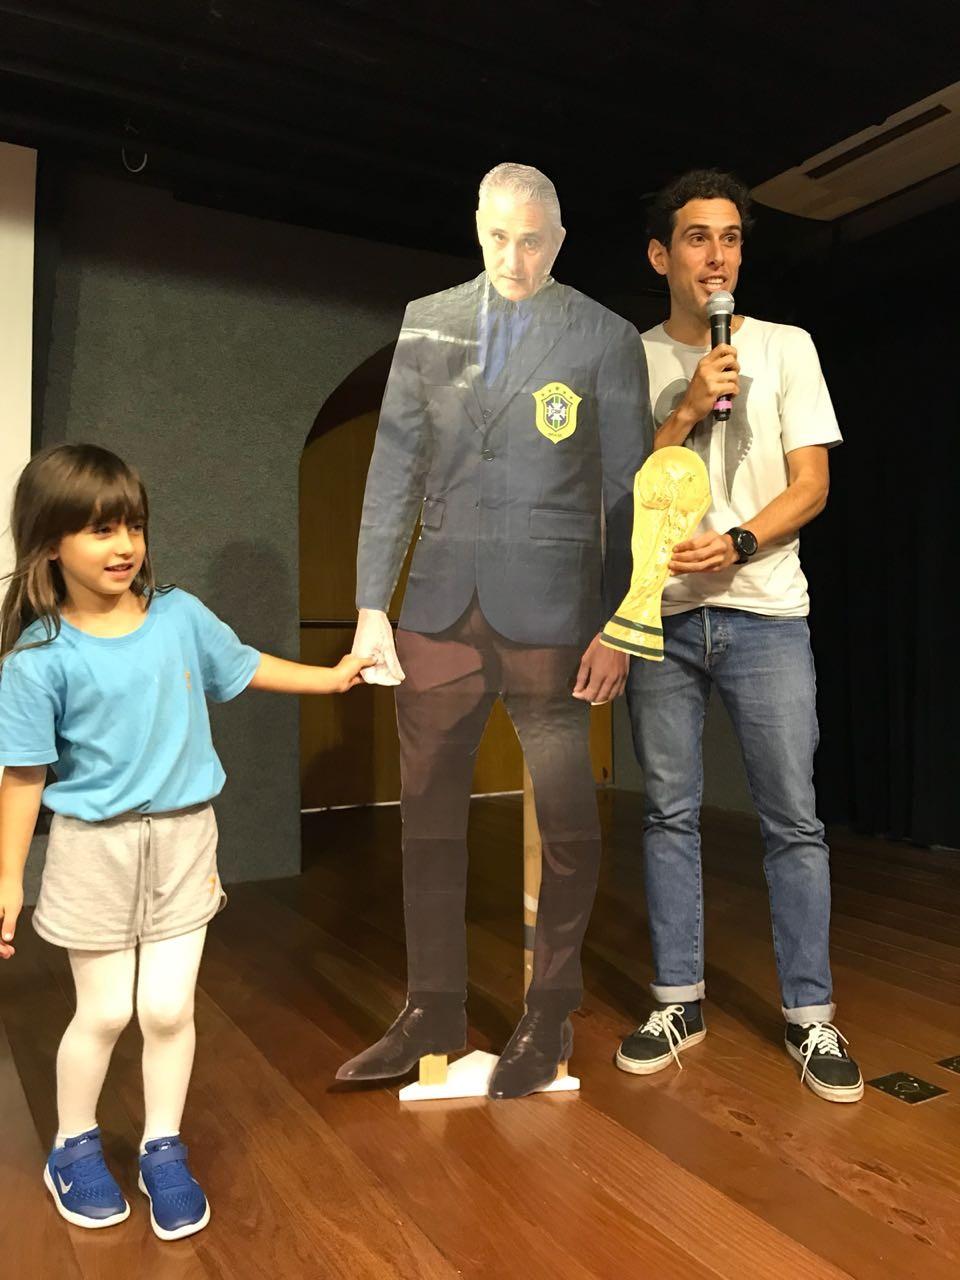 Bruno e Júlia ao lado do Tite de papelão (Foto: Arquivo Pessoal)